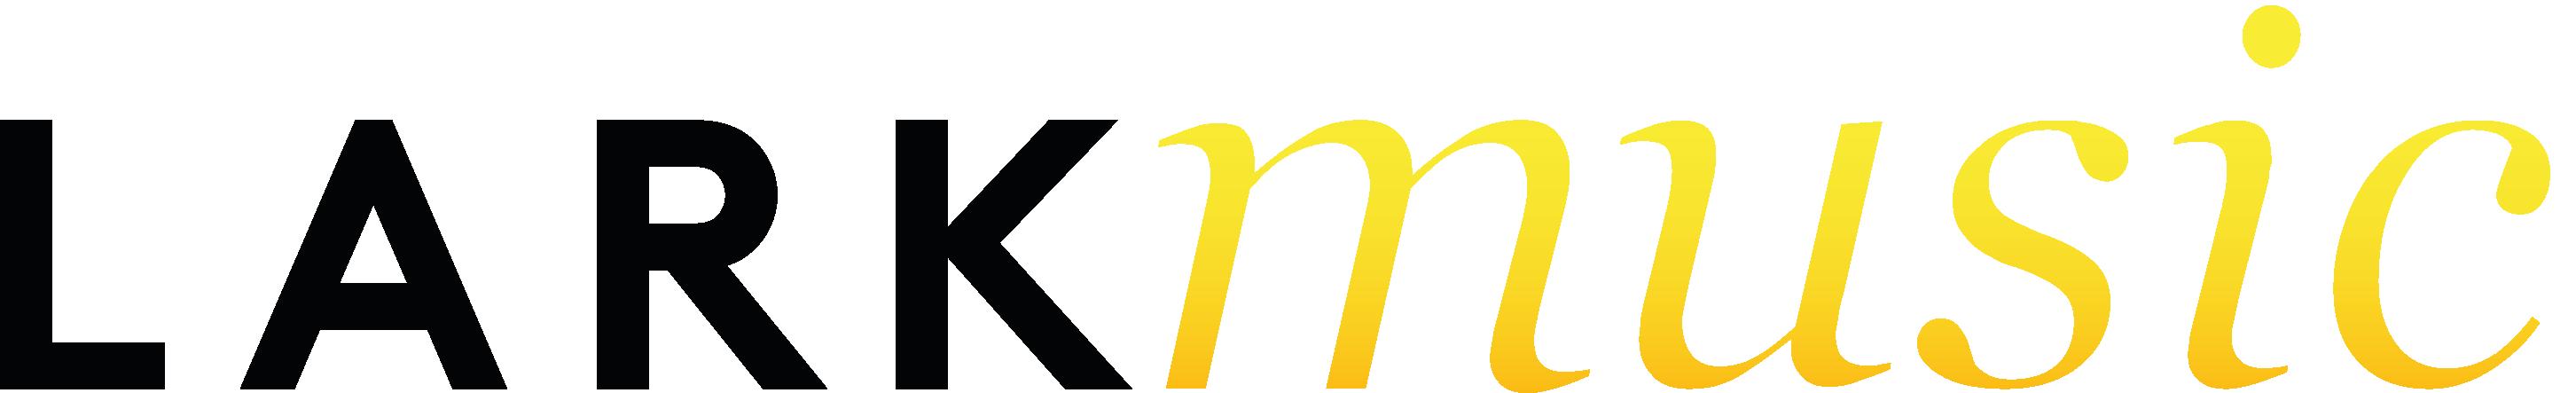 Lark Music logopng